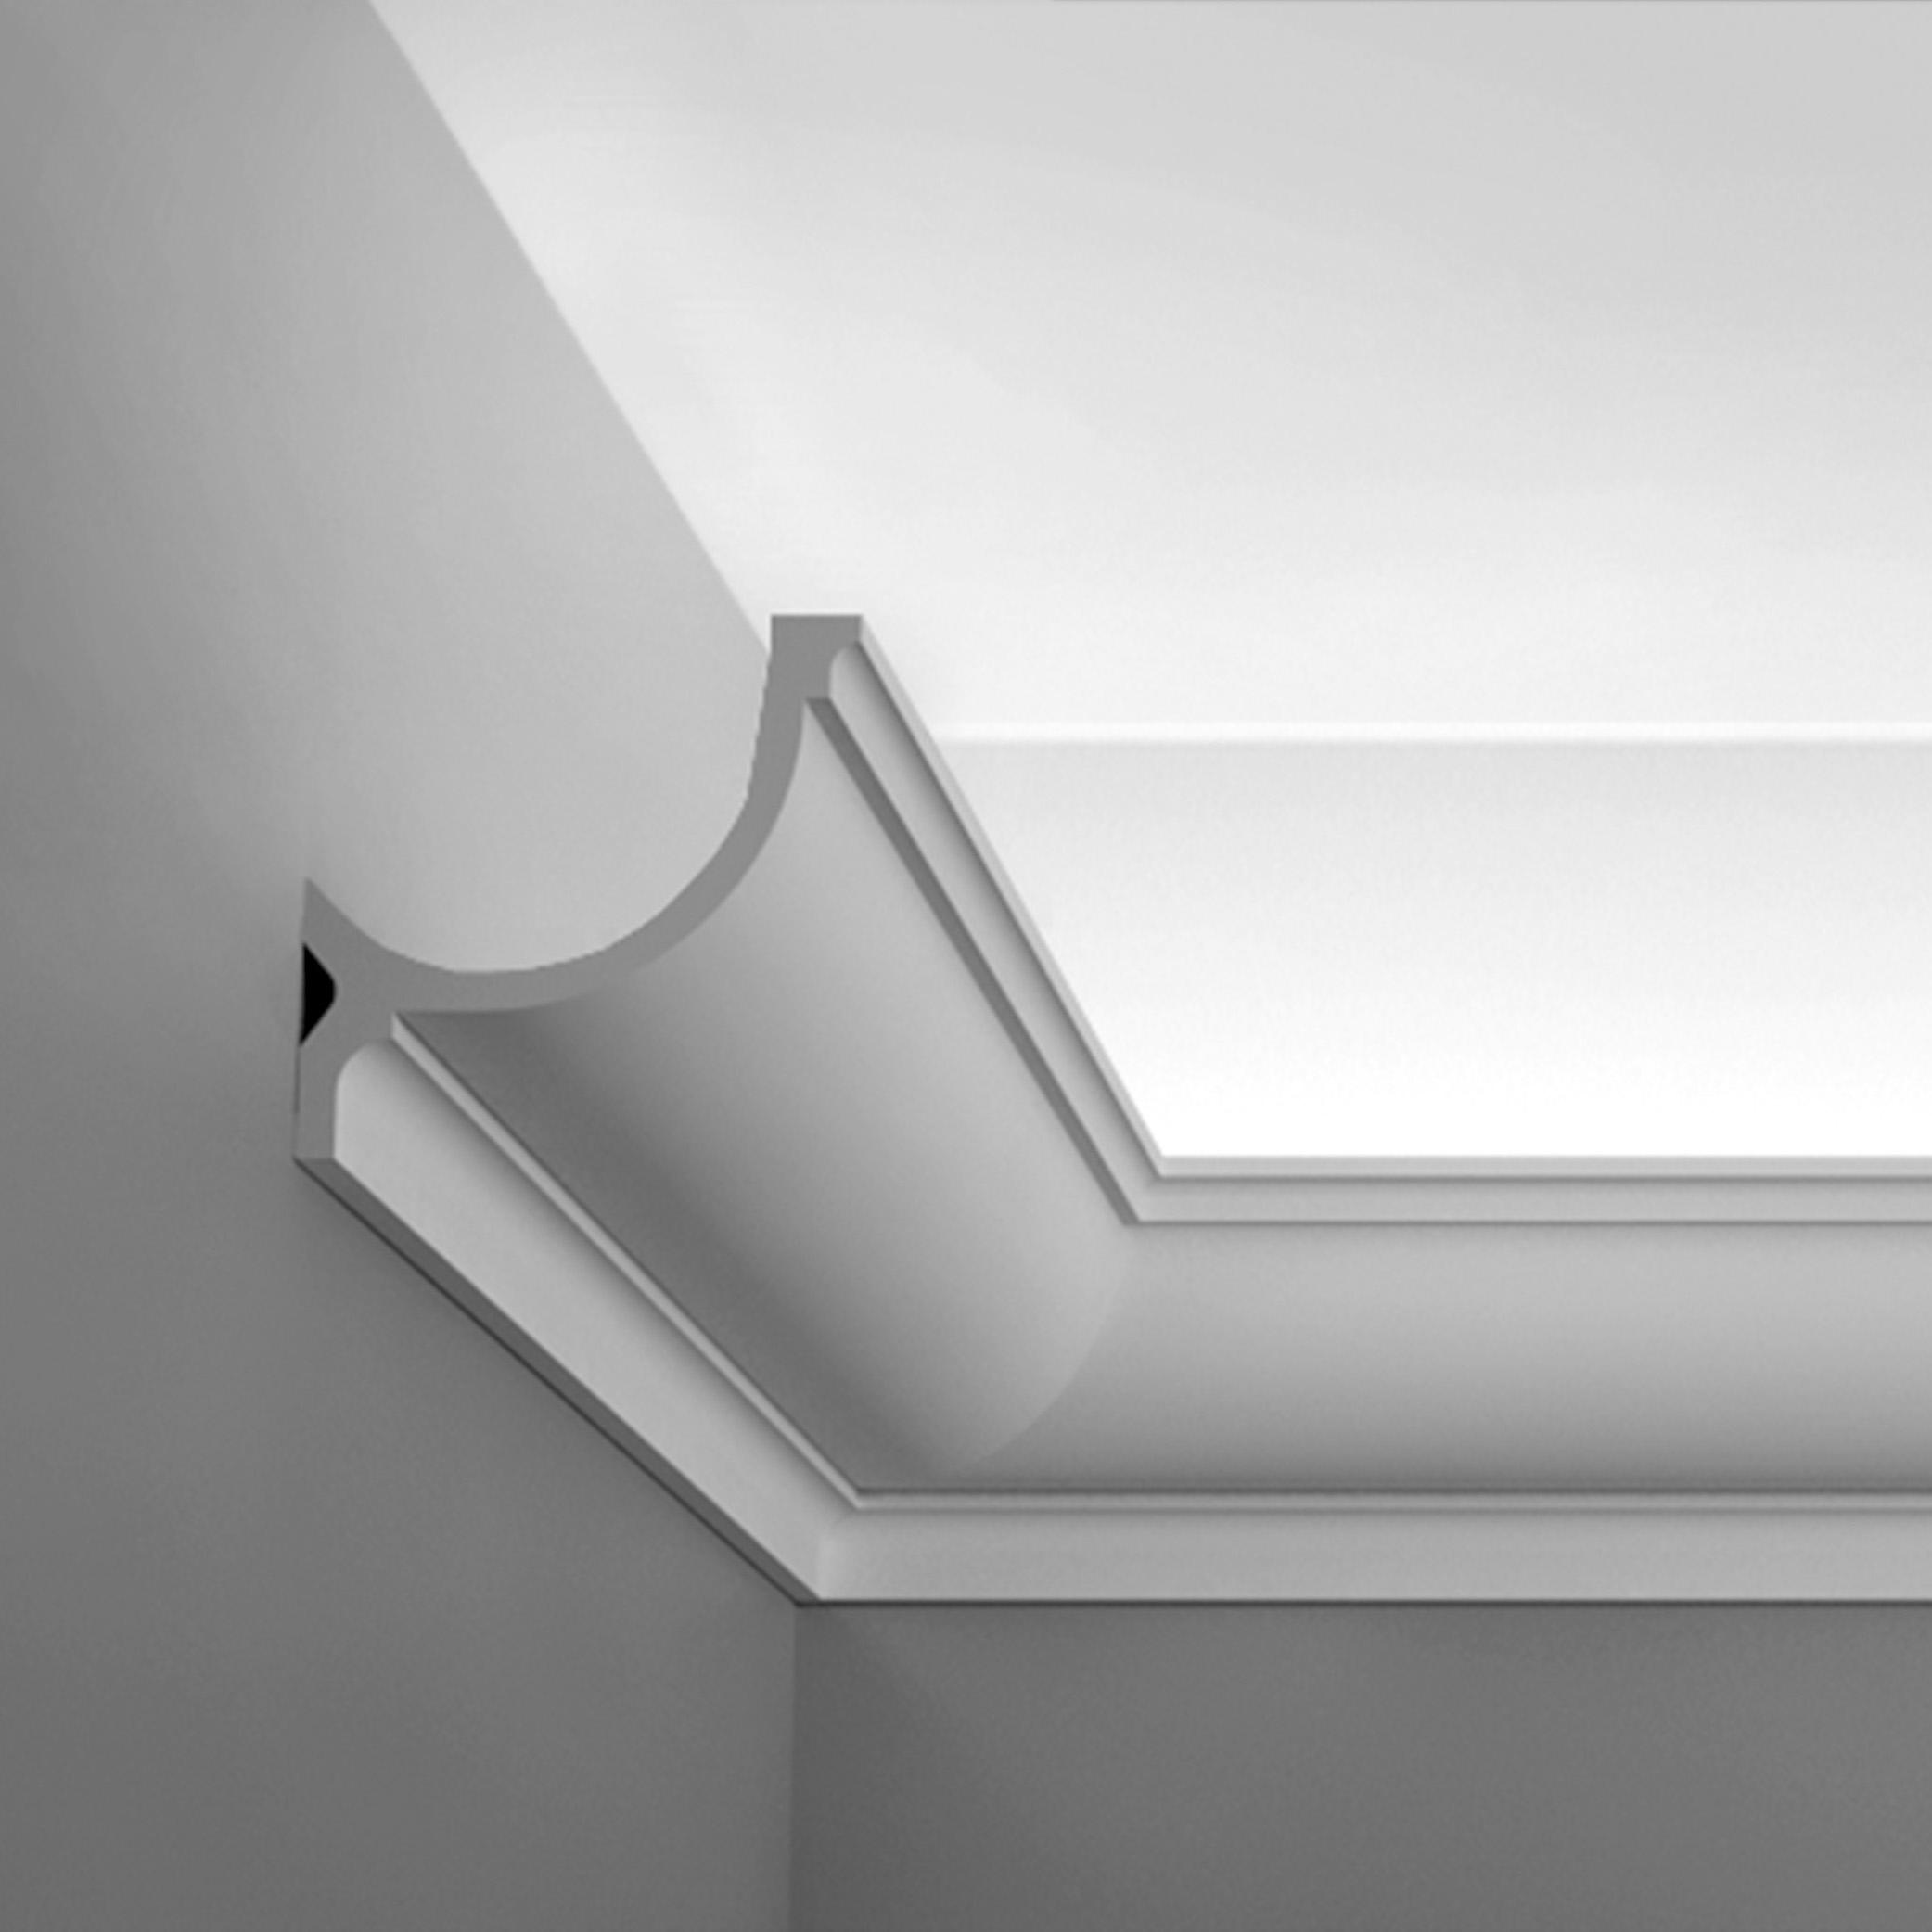 Kroonlijst sierlijst plafondlijst voor indirecte verlichting C902il ...